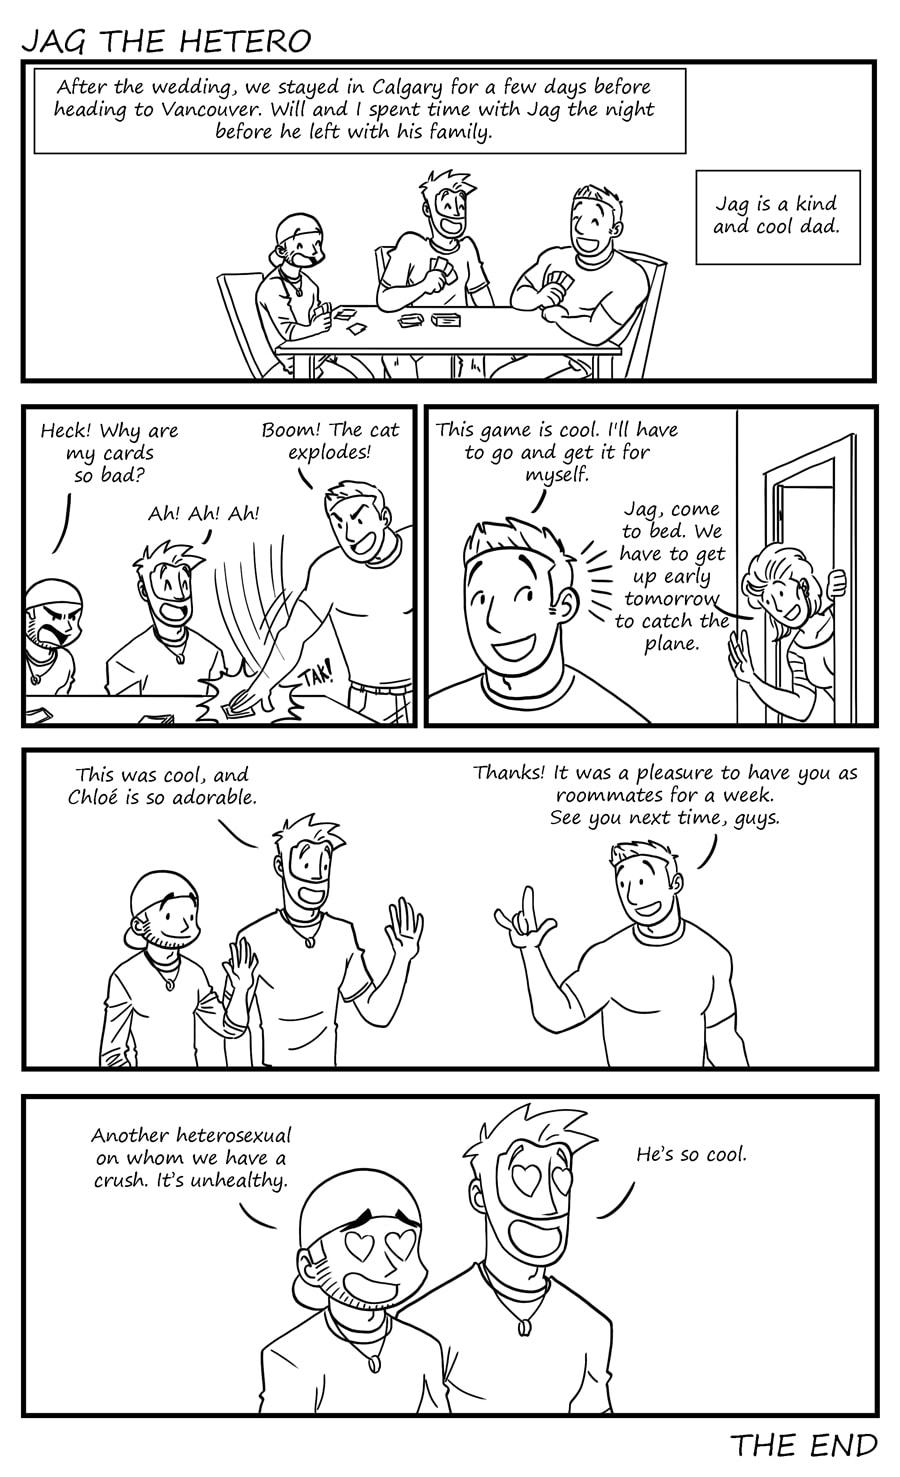 Episode 224 - Jag the hetero